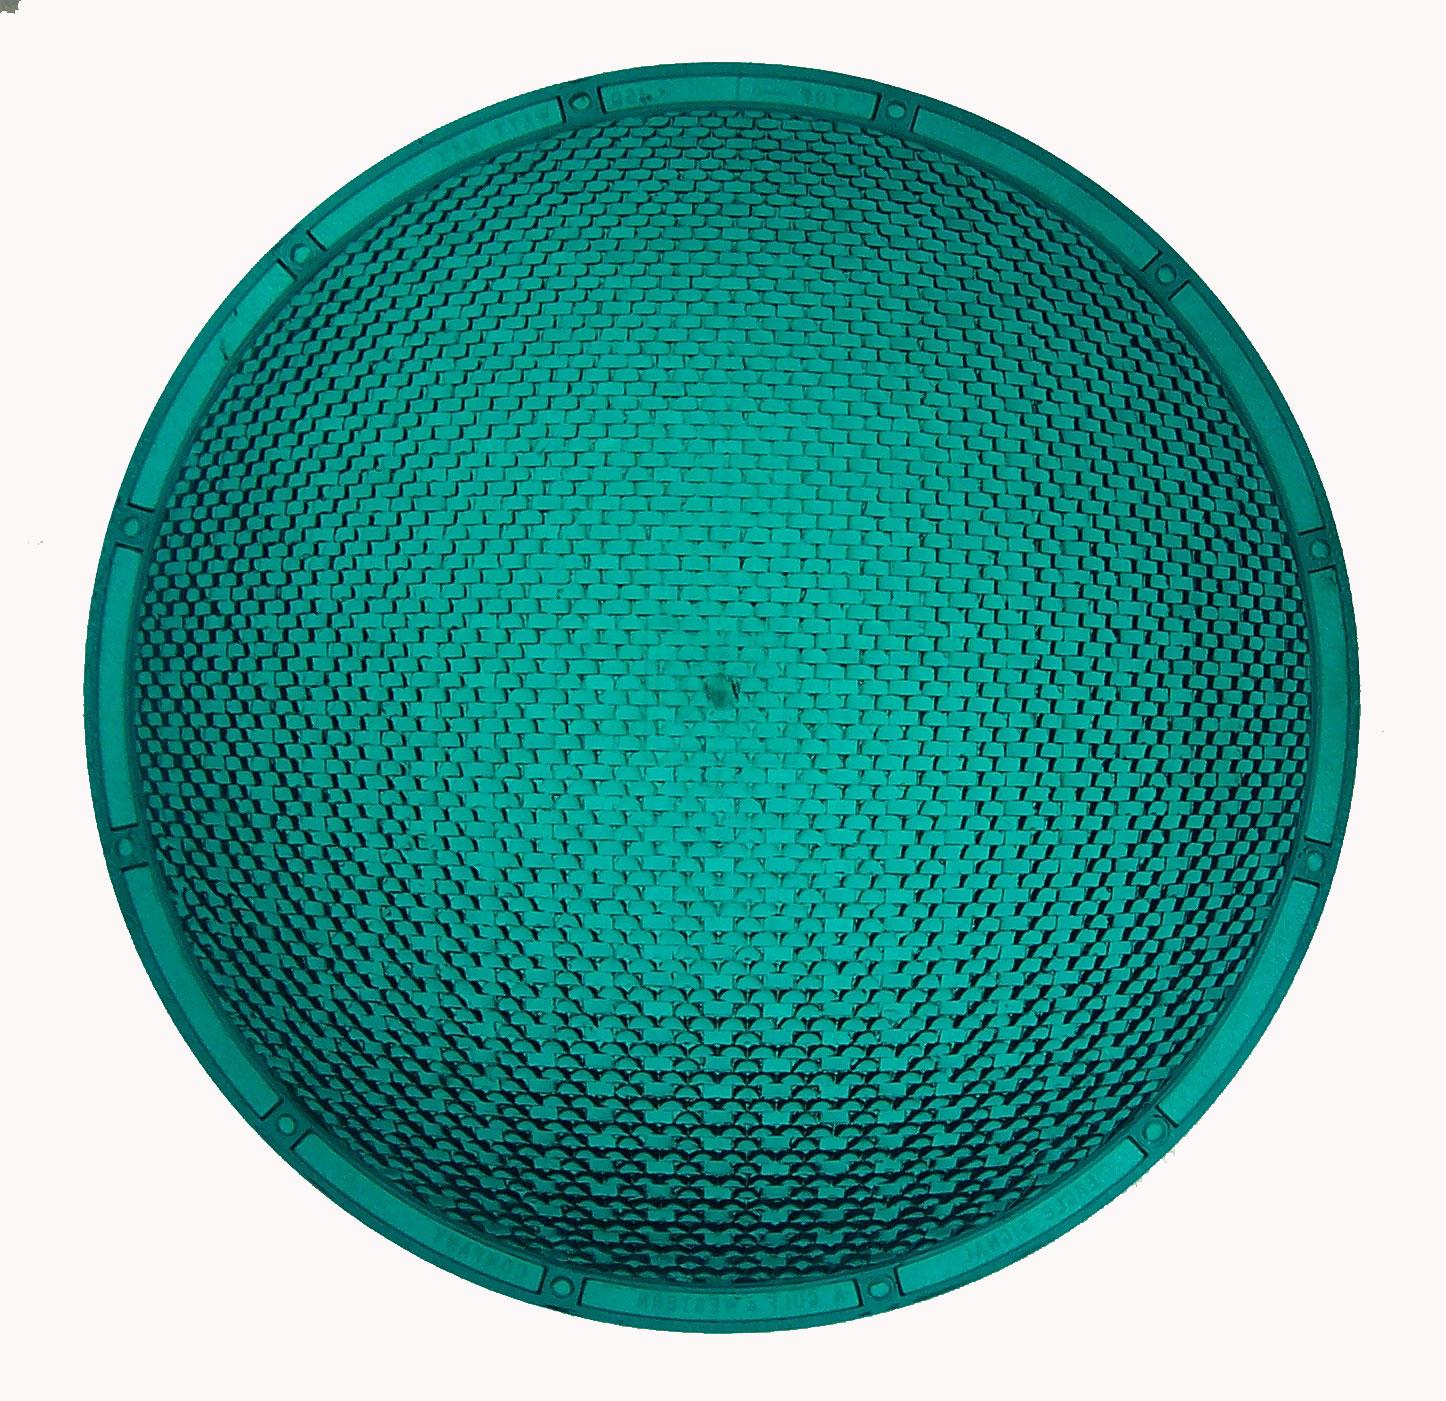 Green Traffic Light - ClipArt Best